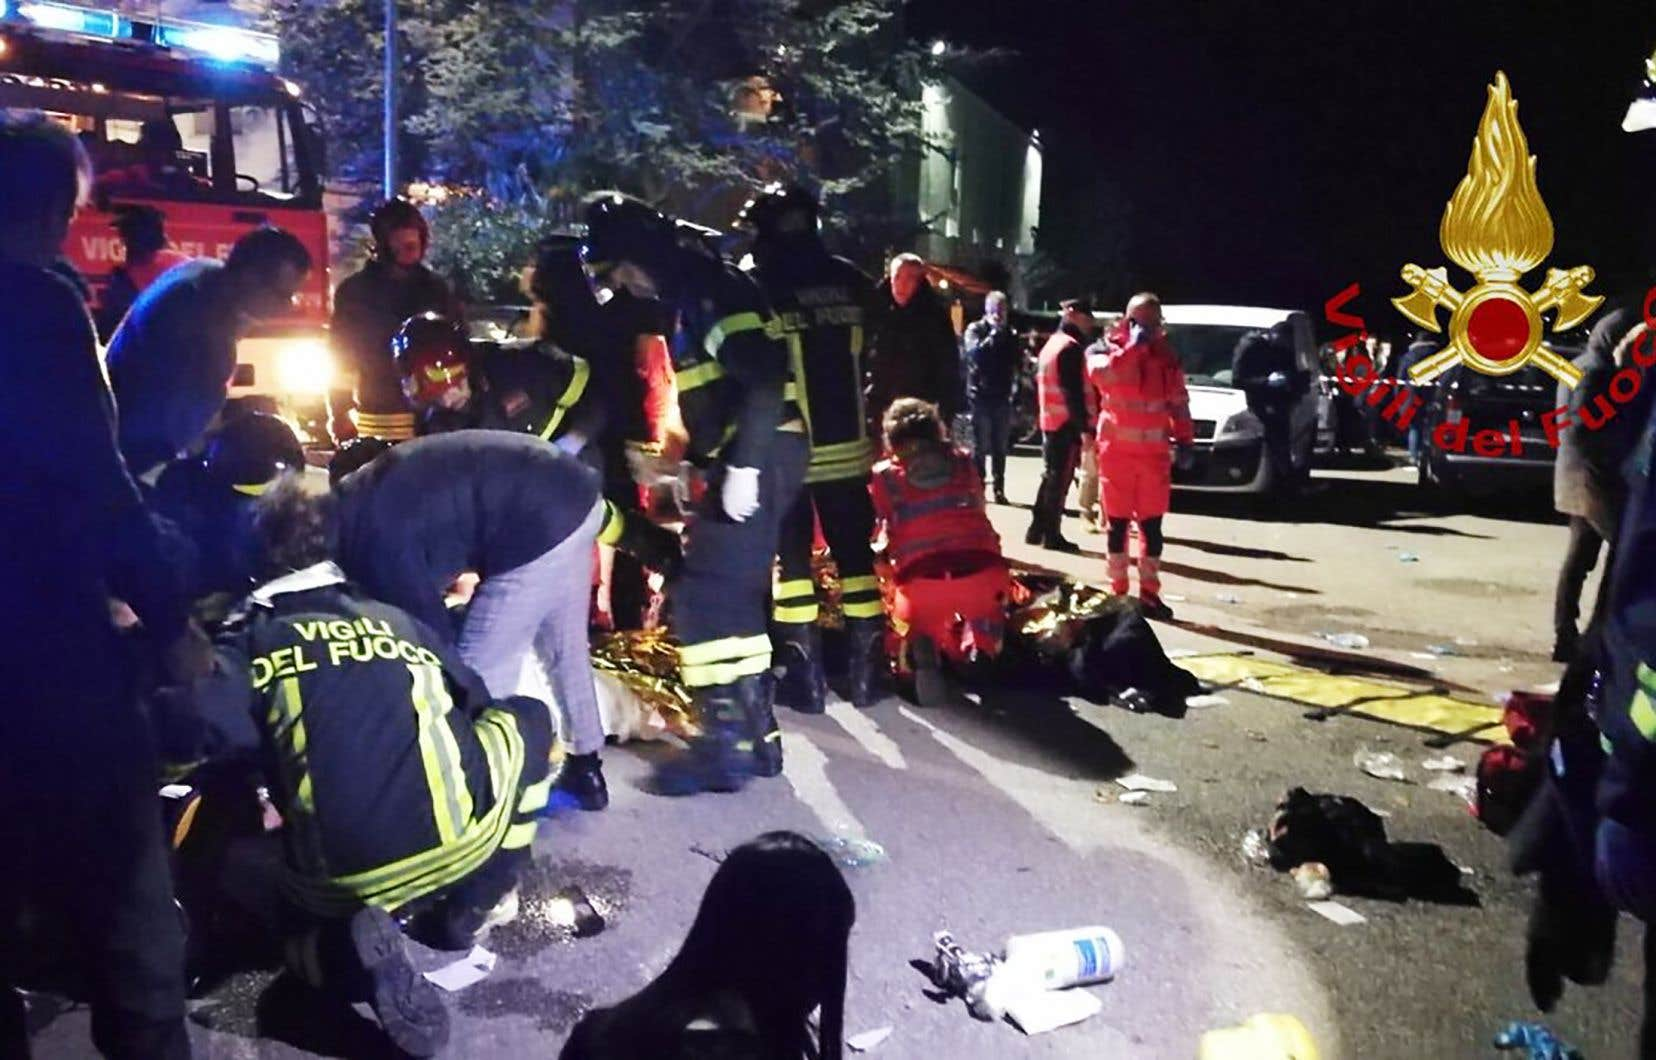 Dans la nuit, les alentours de la discothèque ont été le théâtre d'un va-et-vient d'ambulances et de secouristes au milieu des cris et des pleurs des proches des victimes.